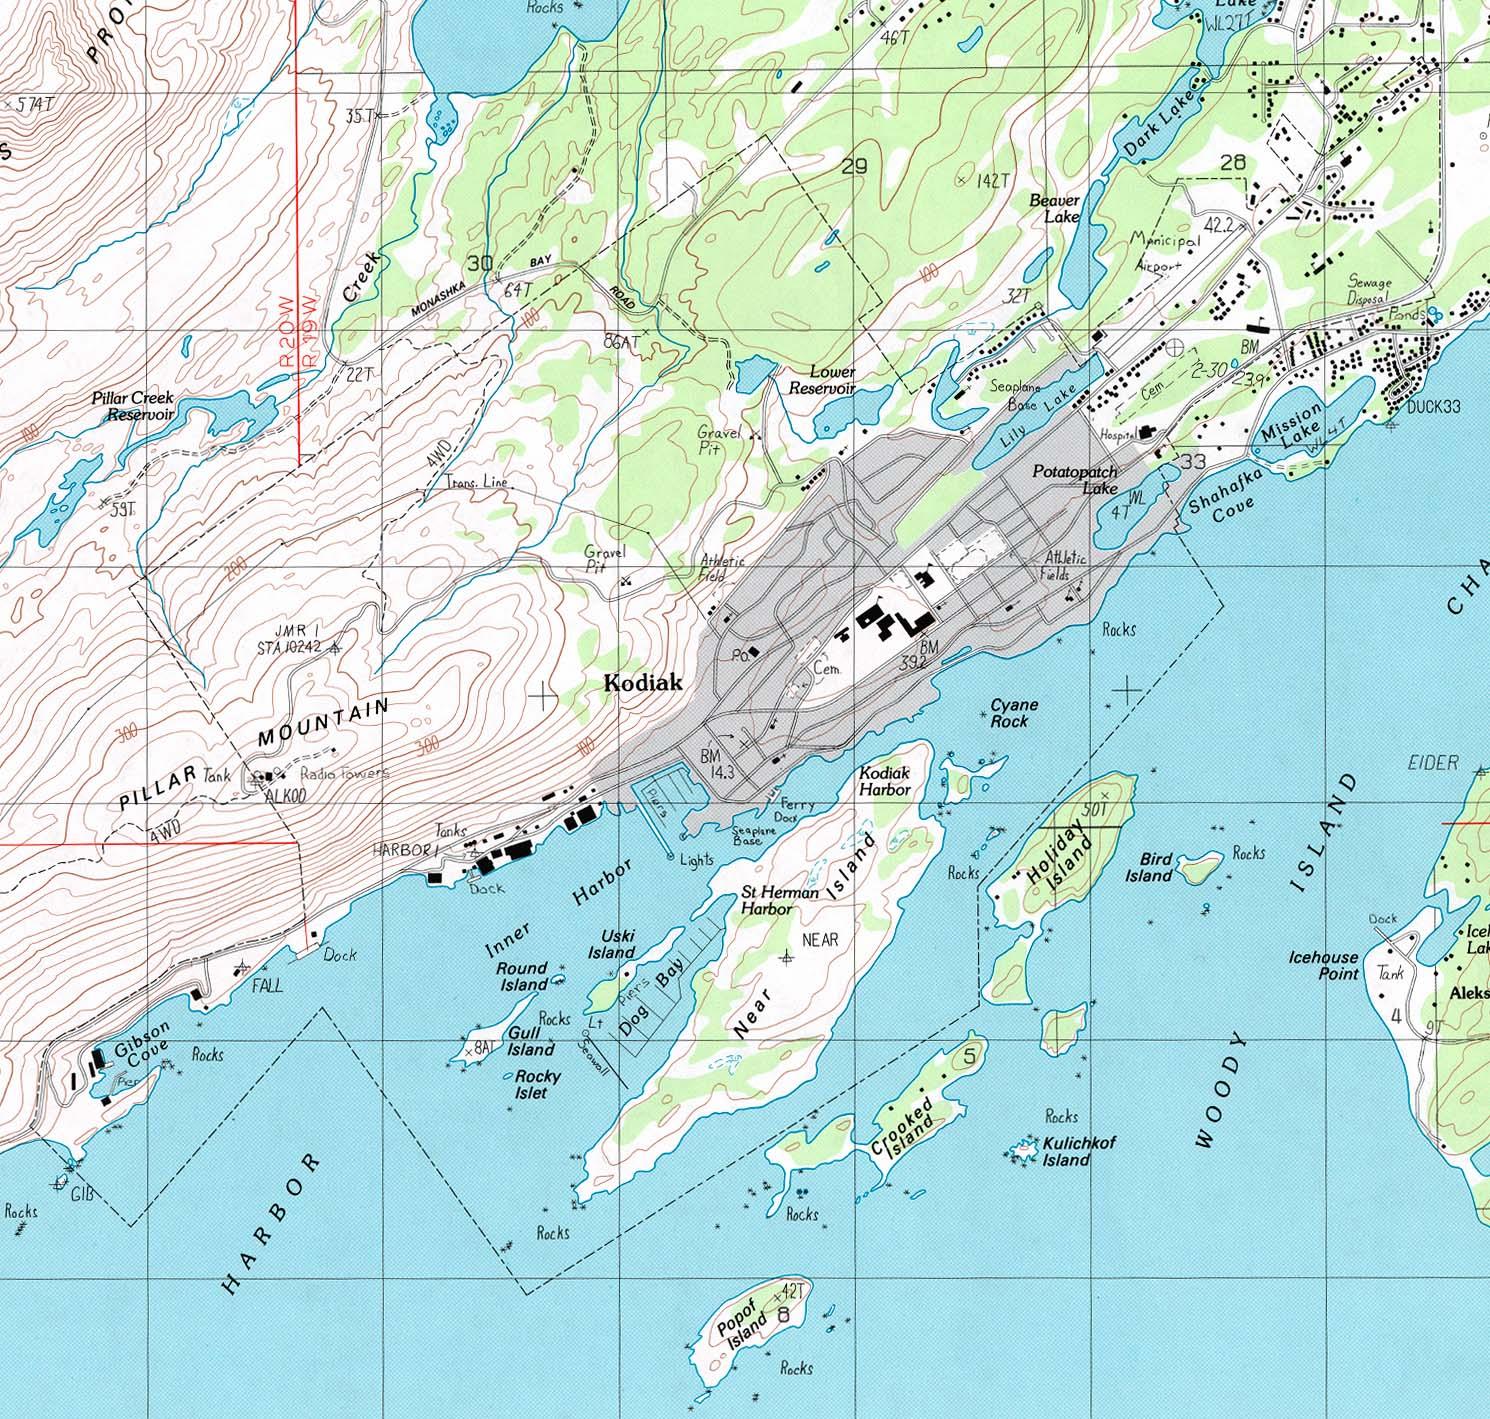 Mapa Topográfico de la Ciudad de Kodiak, Estados Unidos